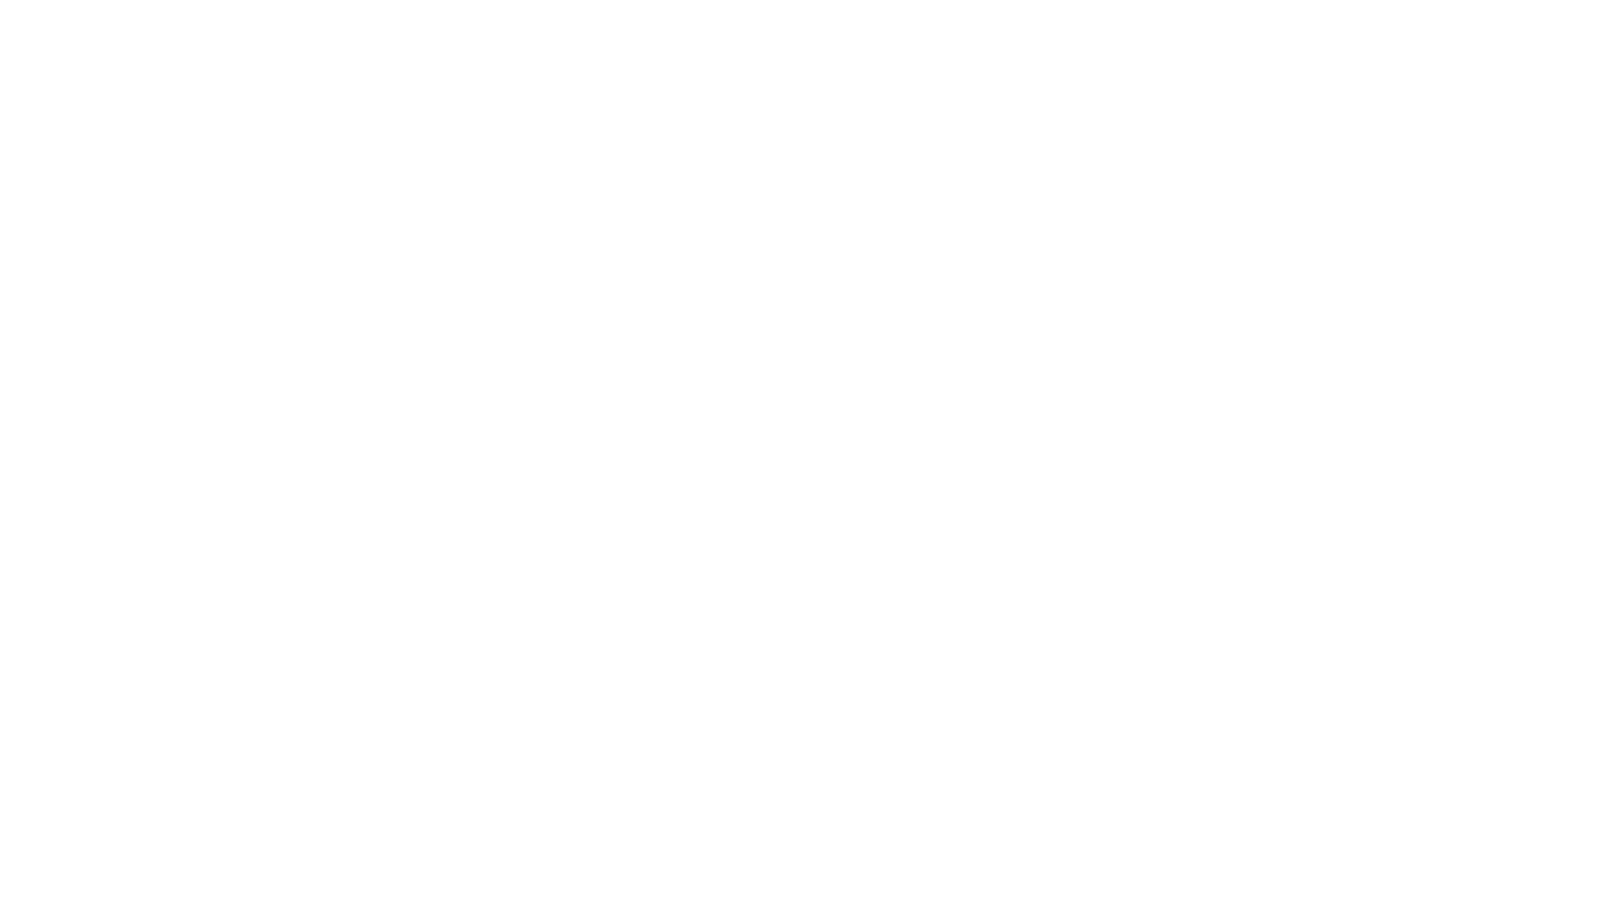 Kami adalah Agen Distributor OSB Board | WaferBoard Di Indonesia ( Jogja, Sby, Jkt )  OSB Board Ukuran : 9mm, 12mm, 15mm, 18mm,  Panel : 1220mm x 2440 mm  Informasi Pemesanan & stock Barang : 082298408585 - 085701410653  Pengiriman ke seluruh Indonesa  #osbboard #waferboard #distributorosbboard #distributorwaferboard #jualwagerboard #jualosbboard #jualpapanosb #agenosbboard #osbboardjakrta #osbboardjogja #osbboardsurabaya